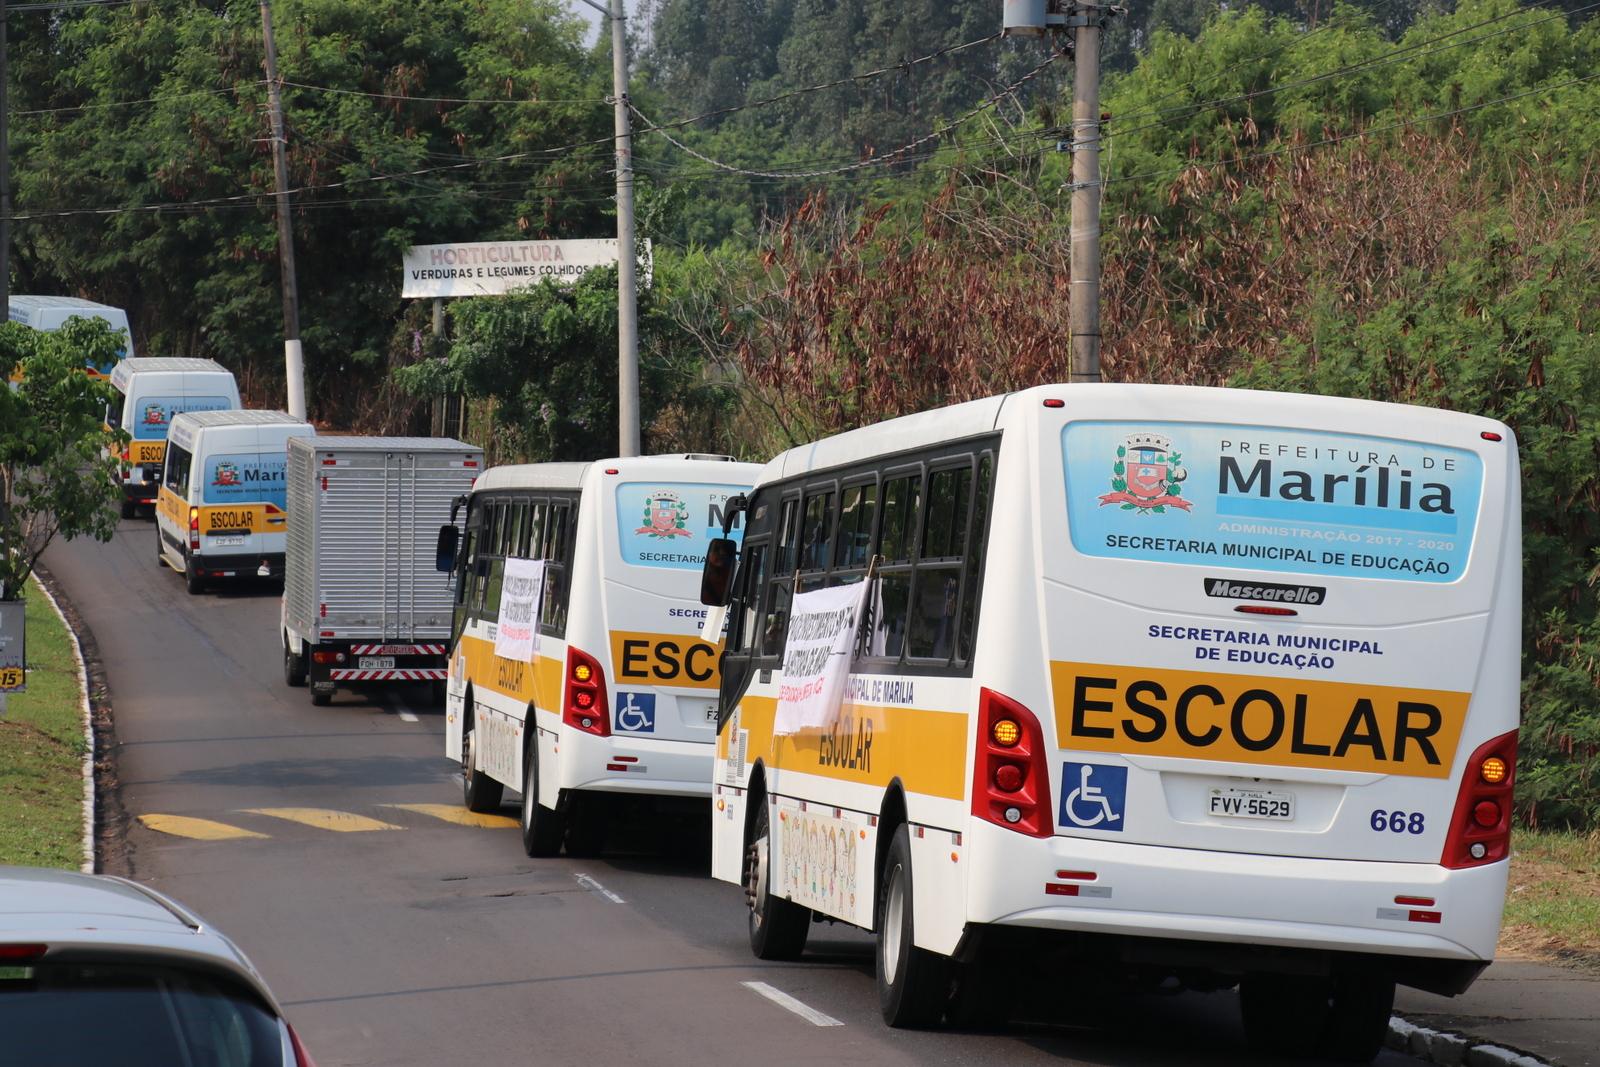 Prefeitura Municipal de Marília - SP - 124 veículos: Prefeitura apresenta  em desfile o maior investimento em frota da história de Marília